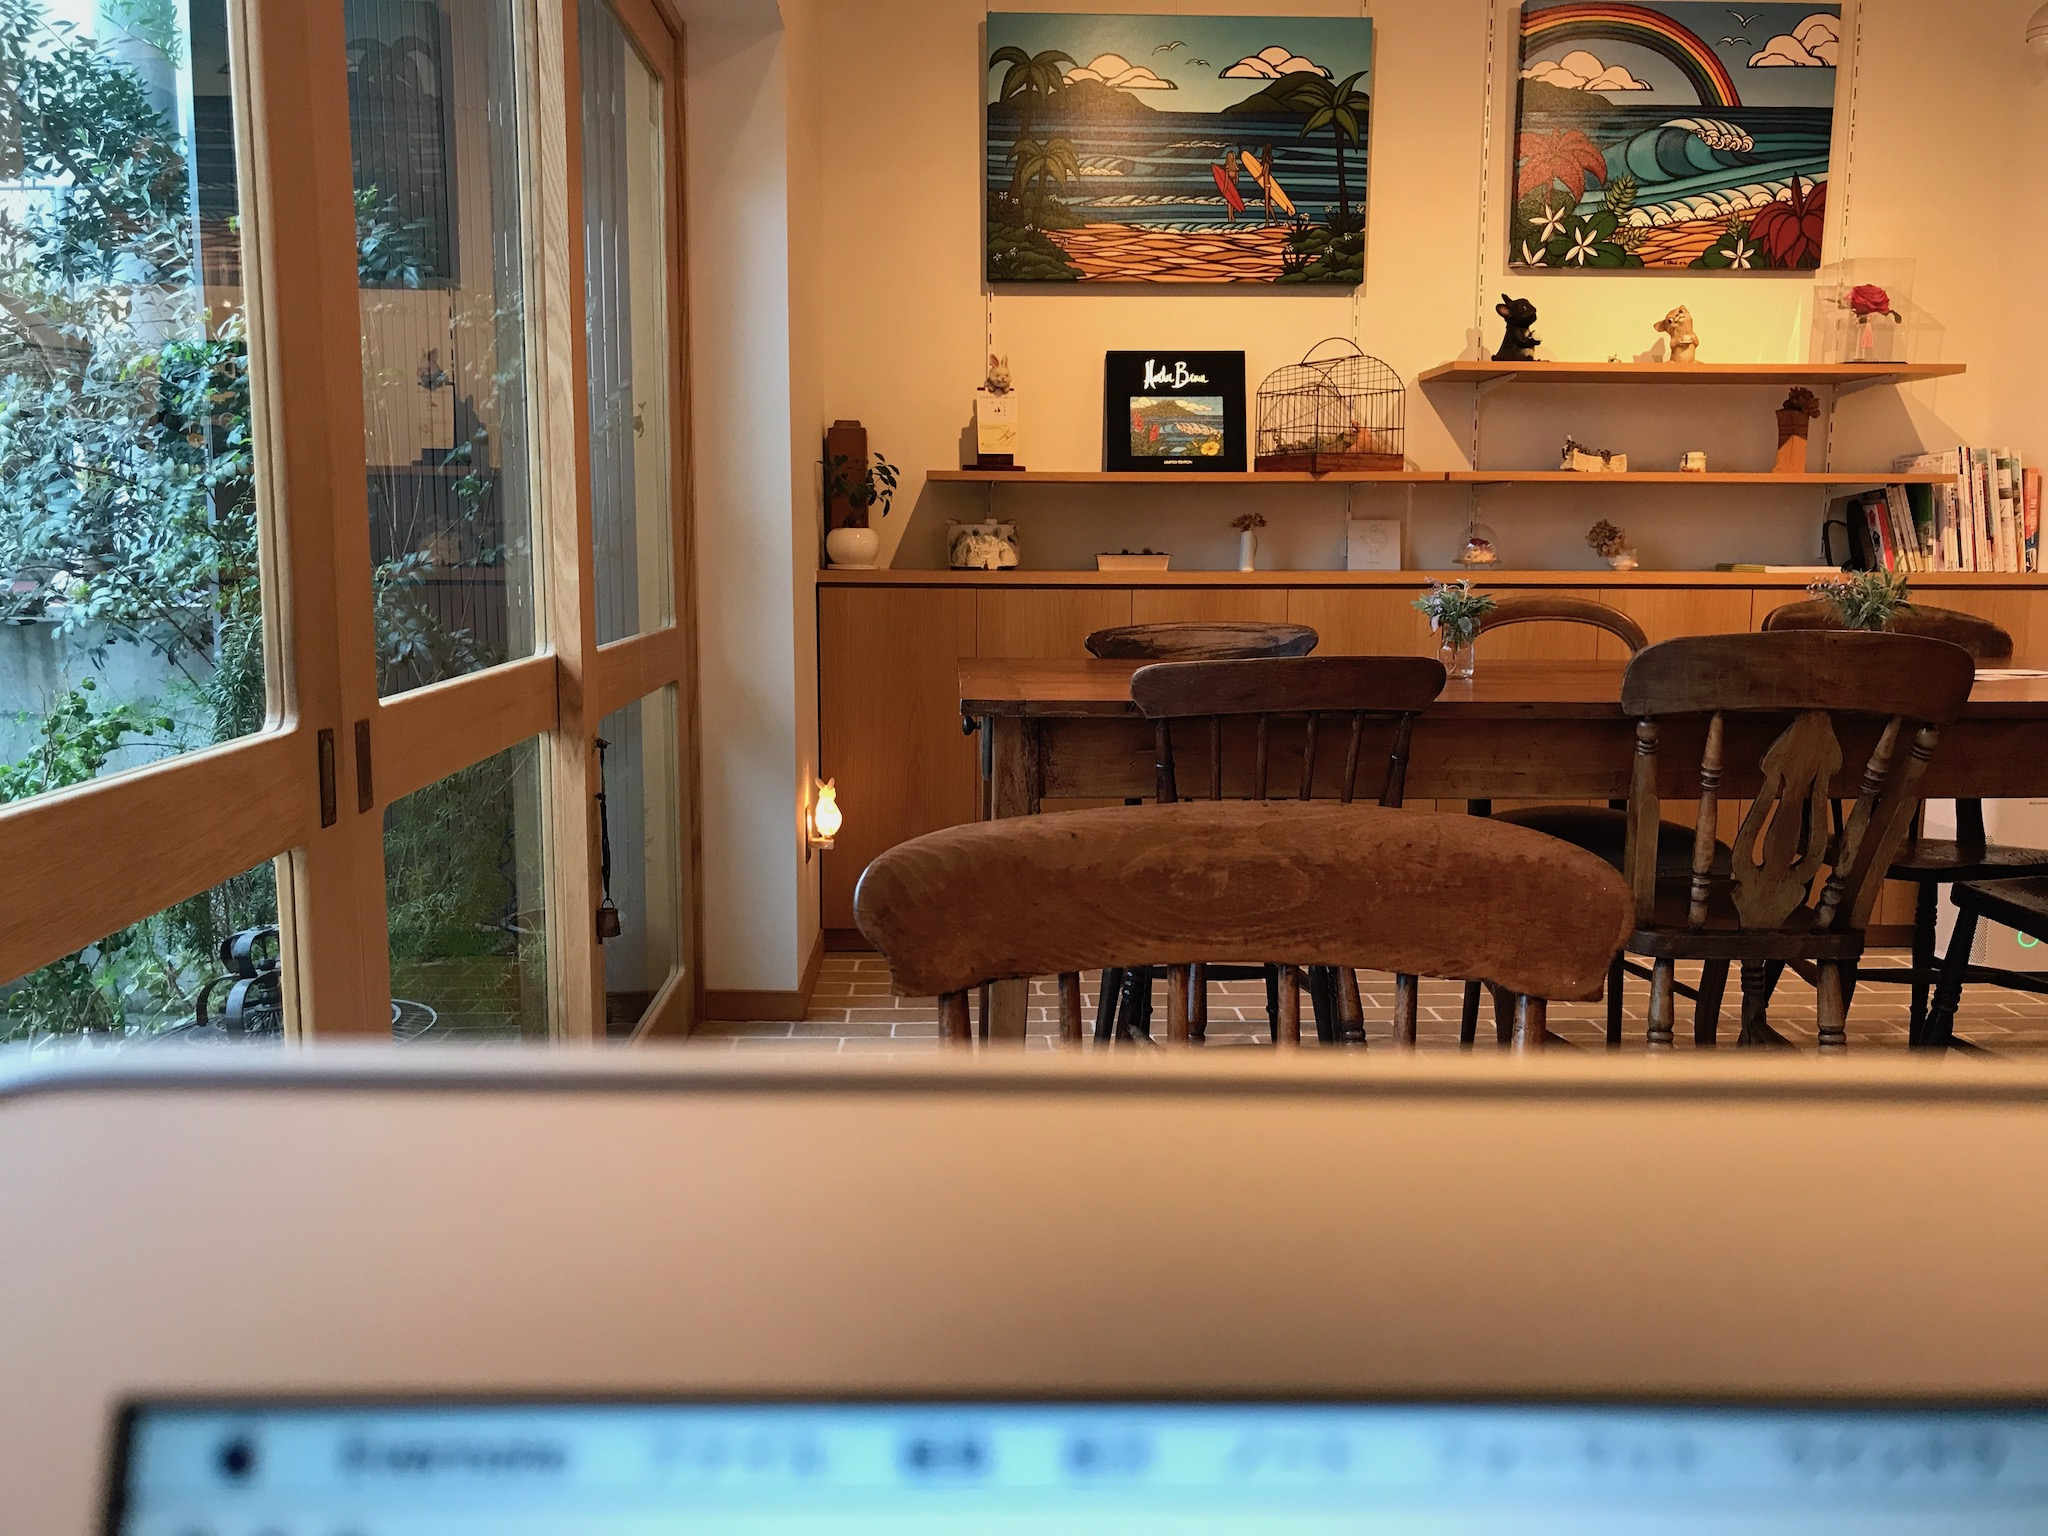 iPhoneの『写真』モードで奥の被写体にピントを合わせて手前のパソコンをボカせた写真